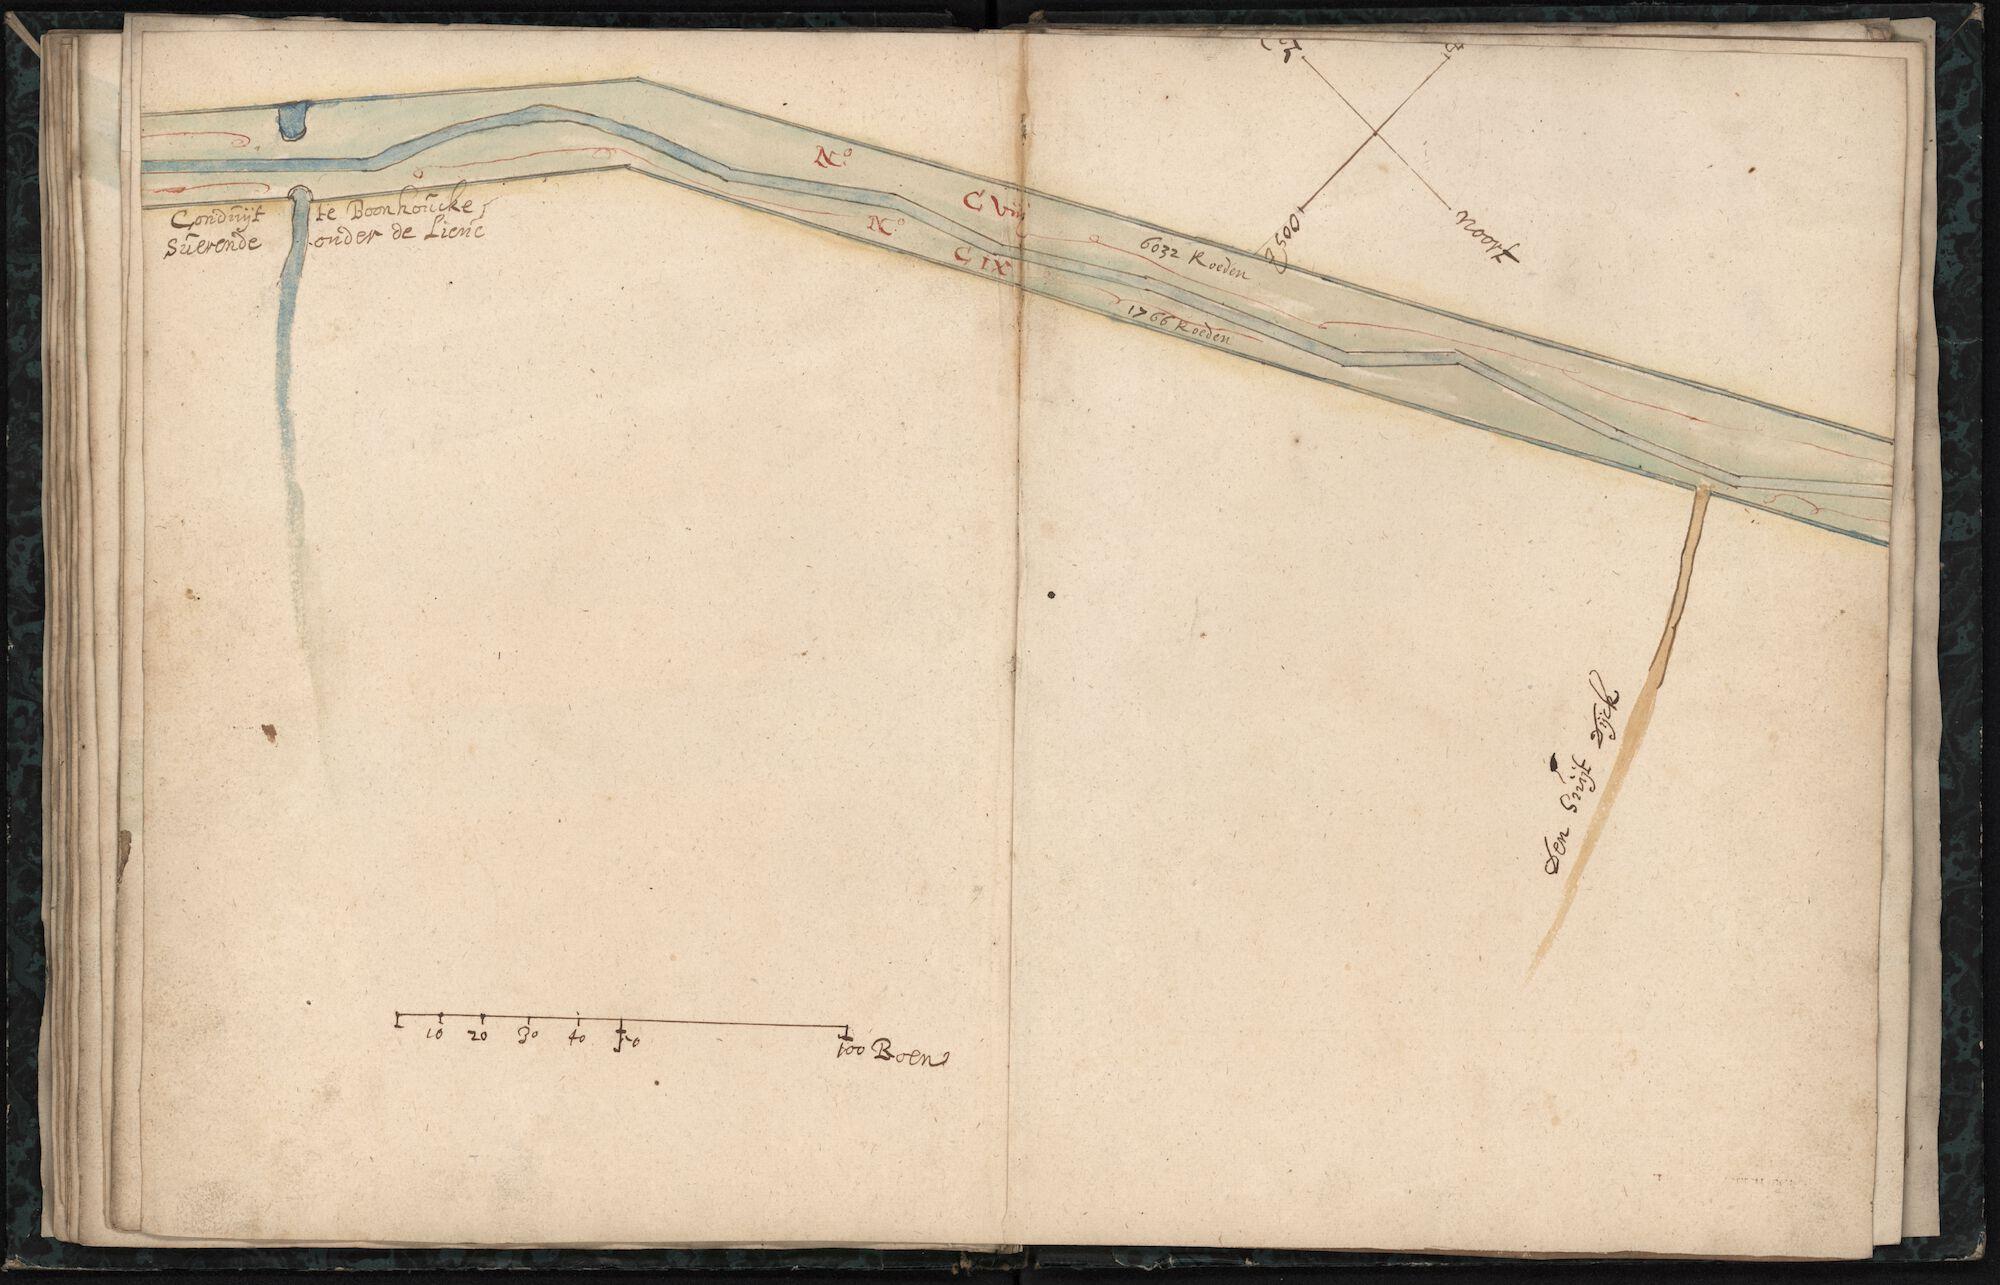 Kaartenboek van de Lieve tussen Damme en de brug van Raveschoot, voorbij Balgerhoeke, Anoniem, 17de eeuw